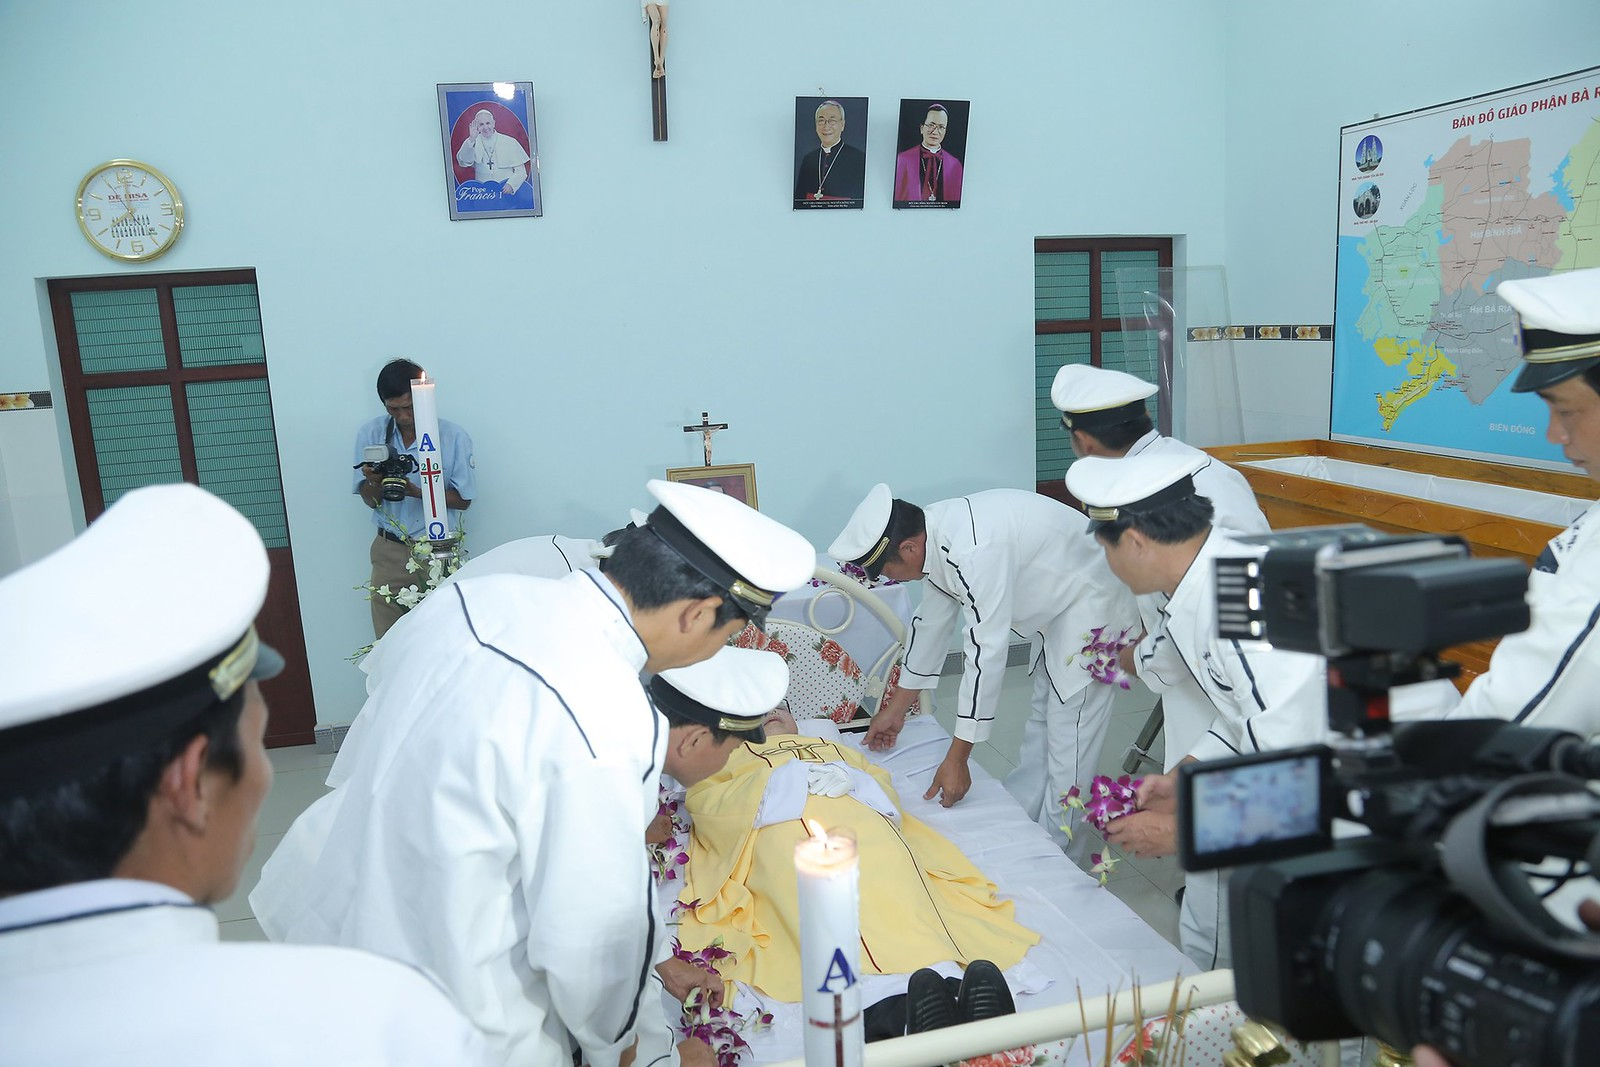 Cầu nguyện cho linh hồn Cha Giuse Đặng Đình An, Cha qua đời vì tai nạn giao thông - Ảnh minh hoạ 17